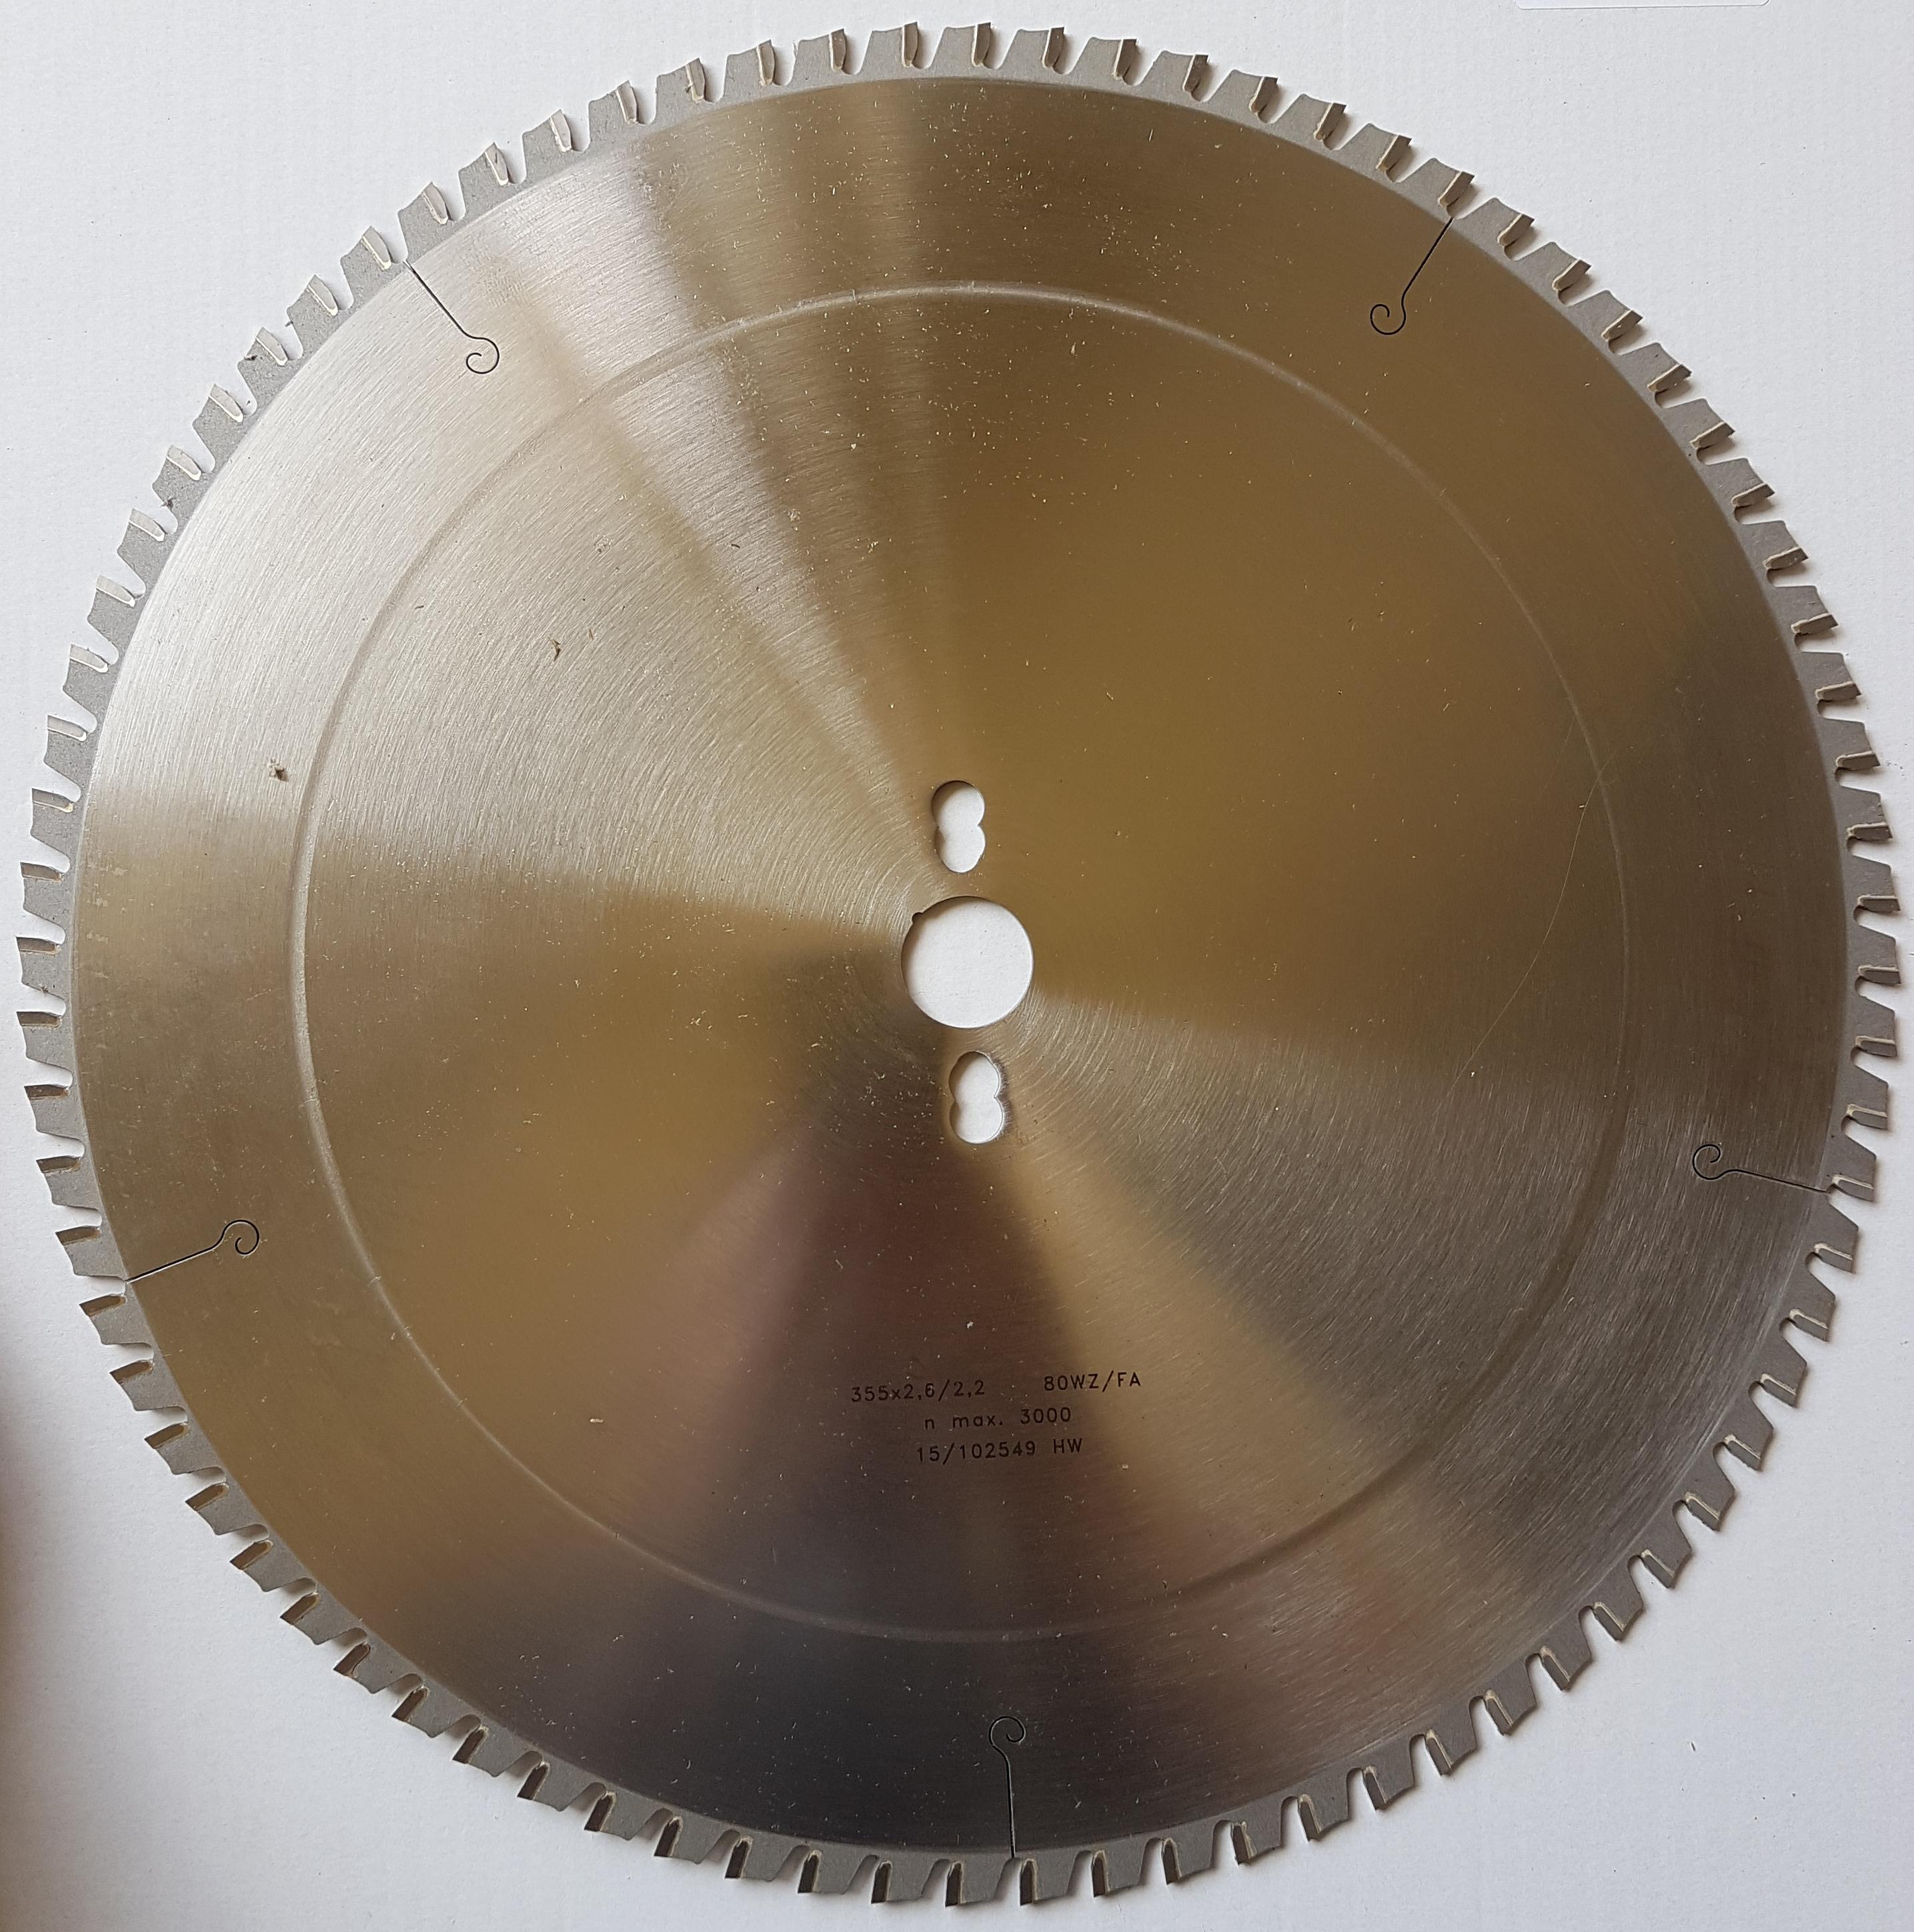 диски для сэндвич-панелей, диски для резки труб, диски для сухой резки стали, диски для резки акрила, диски для листового металла, диски для Makita, диски для DeWalt, пильный диск для болгарки, твердосплавные пильные диски по стали, диски с напайками для стали, диски для резки швеллера, диски для резки стального двутавра, диски для рельсов